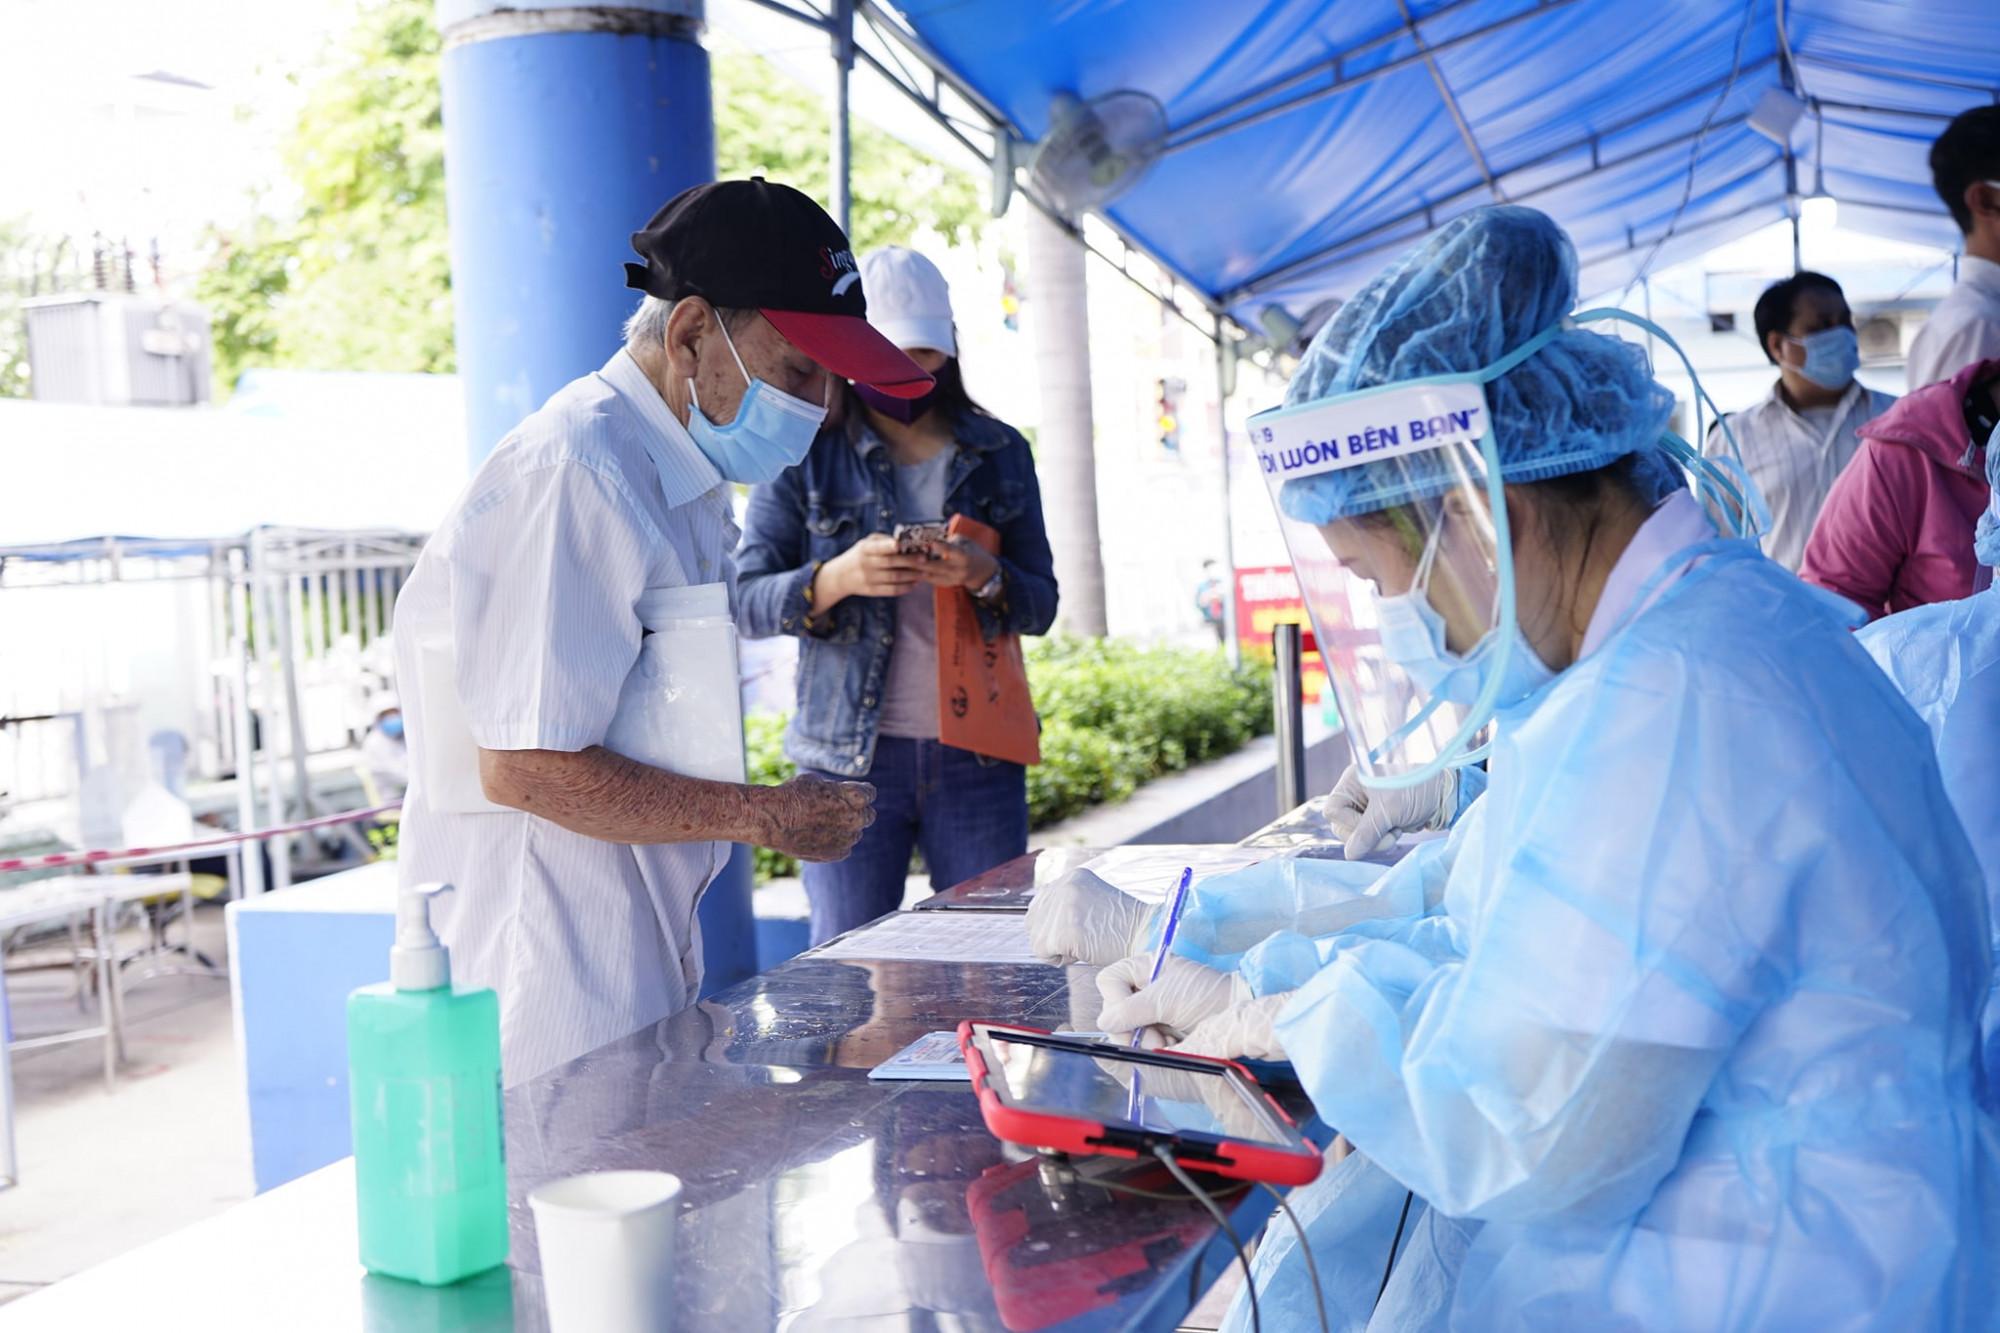 Tiếp nhận bệnh nhân đến đăng ký khám bệnh tại Bệnh viện nhân dân Gia Định.